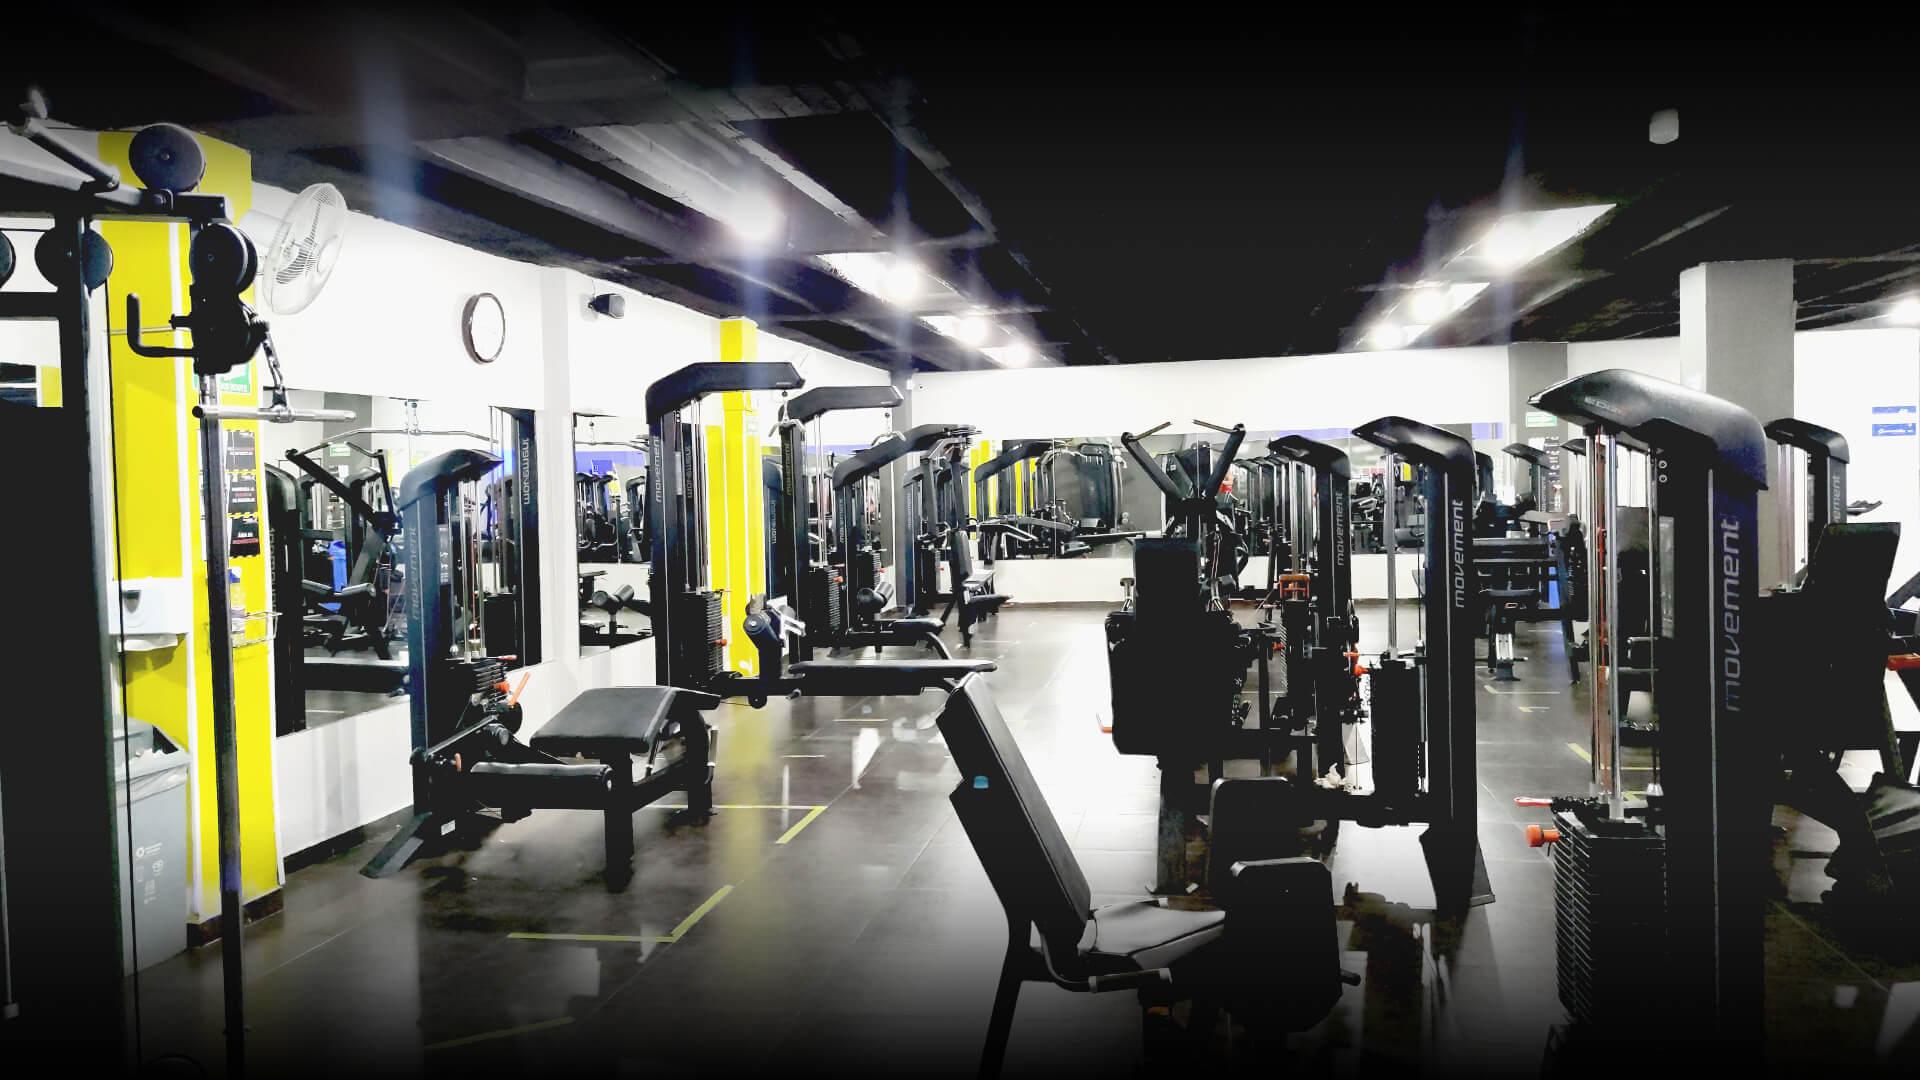 pied-parque-central-sede-fitness-people-par4